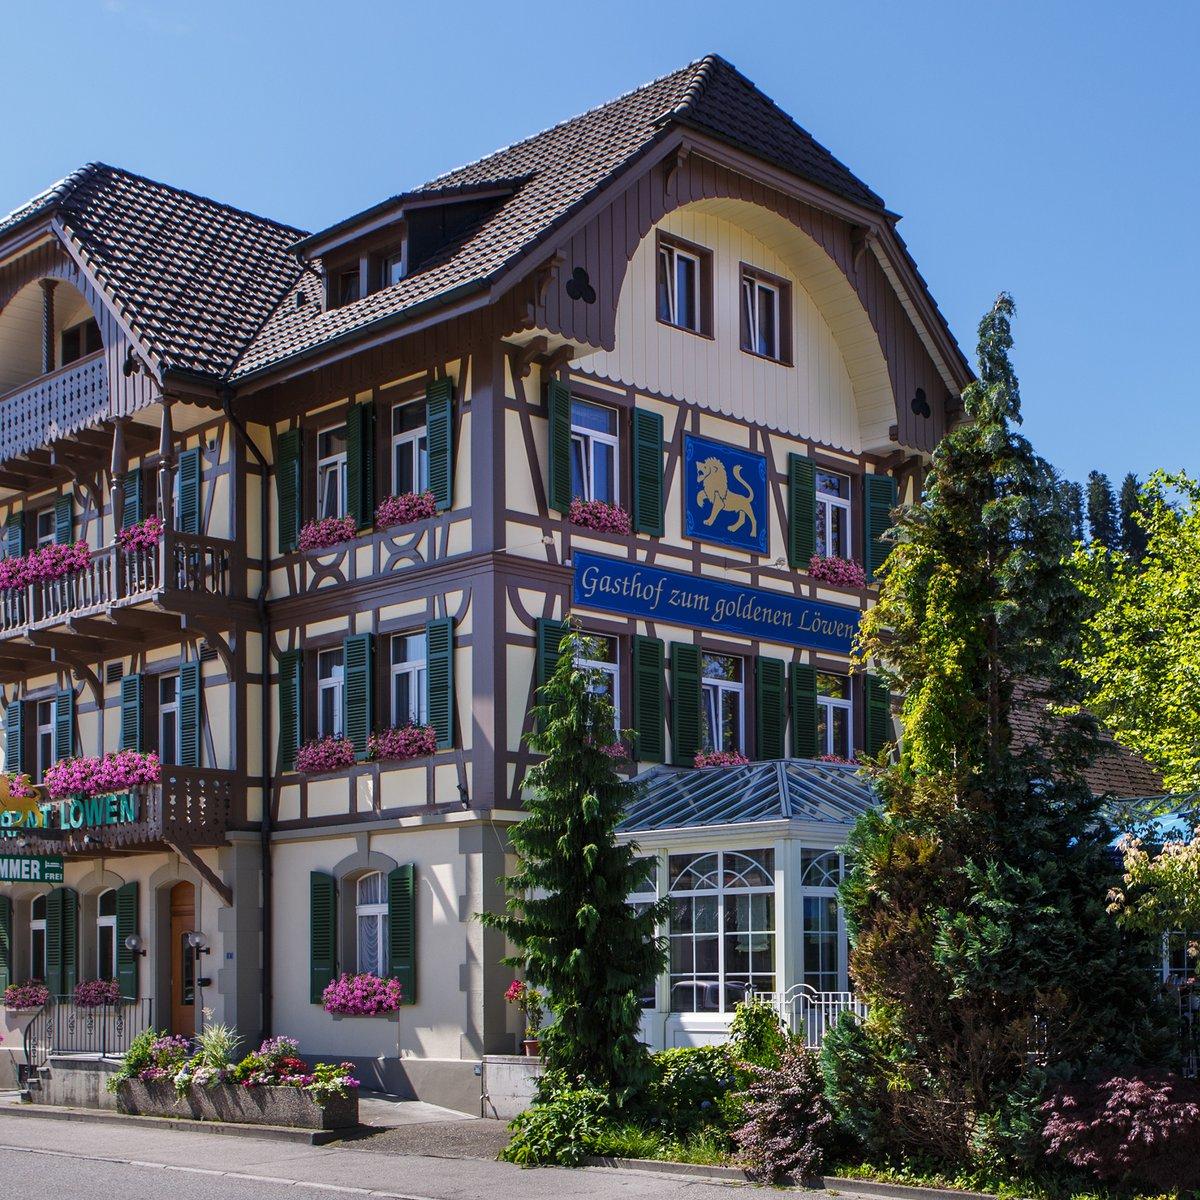 Der Gasthof zum goldenen Löwen im schönen Langnau, nahe Bern, unweit von Burgdorf, Trubschachen und Lauperswil gelegen, ist bekannt für seine ausgezeichnete Küche, die sympathische